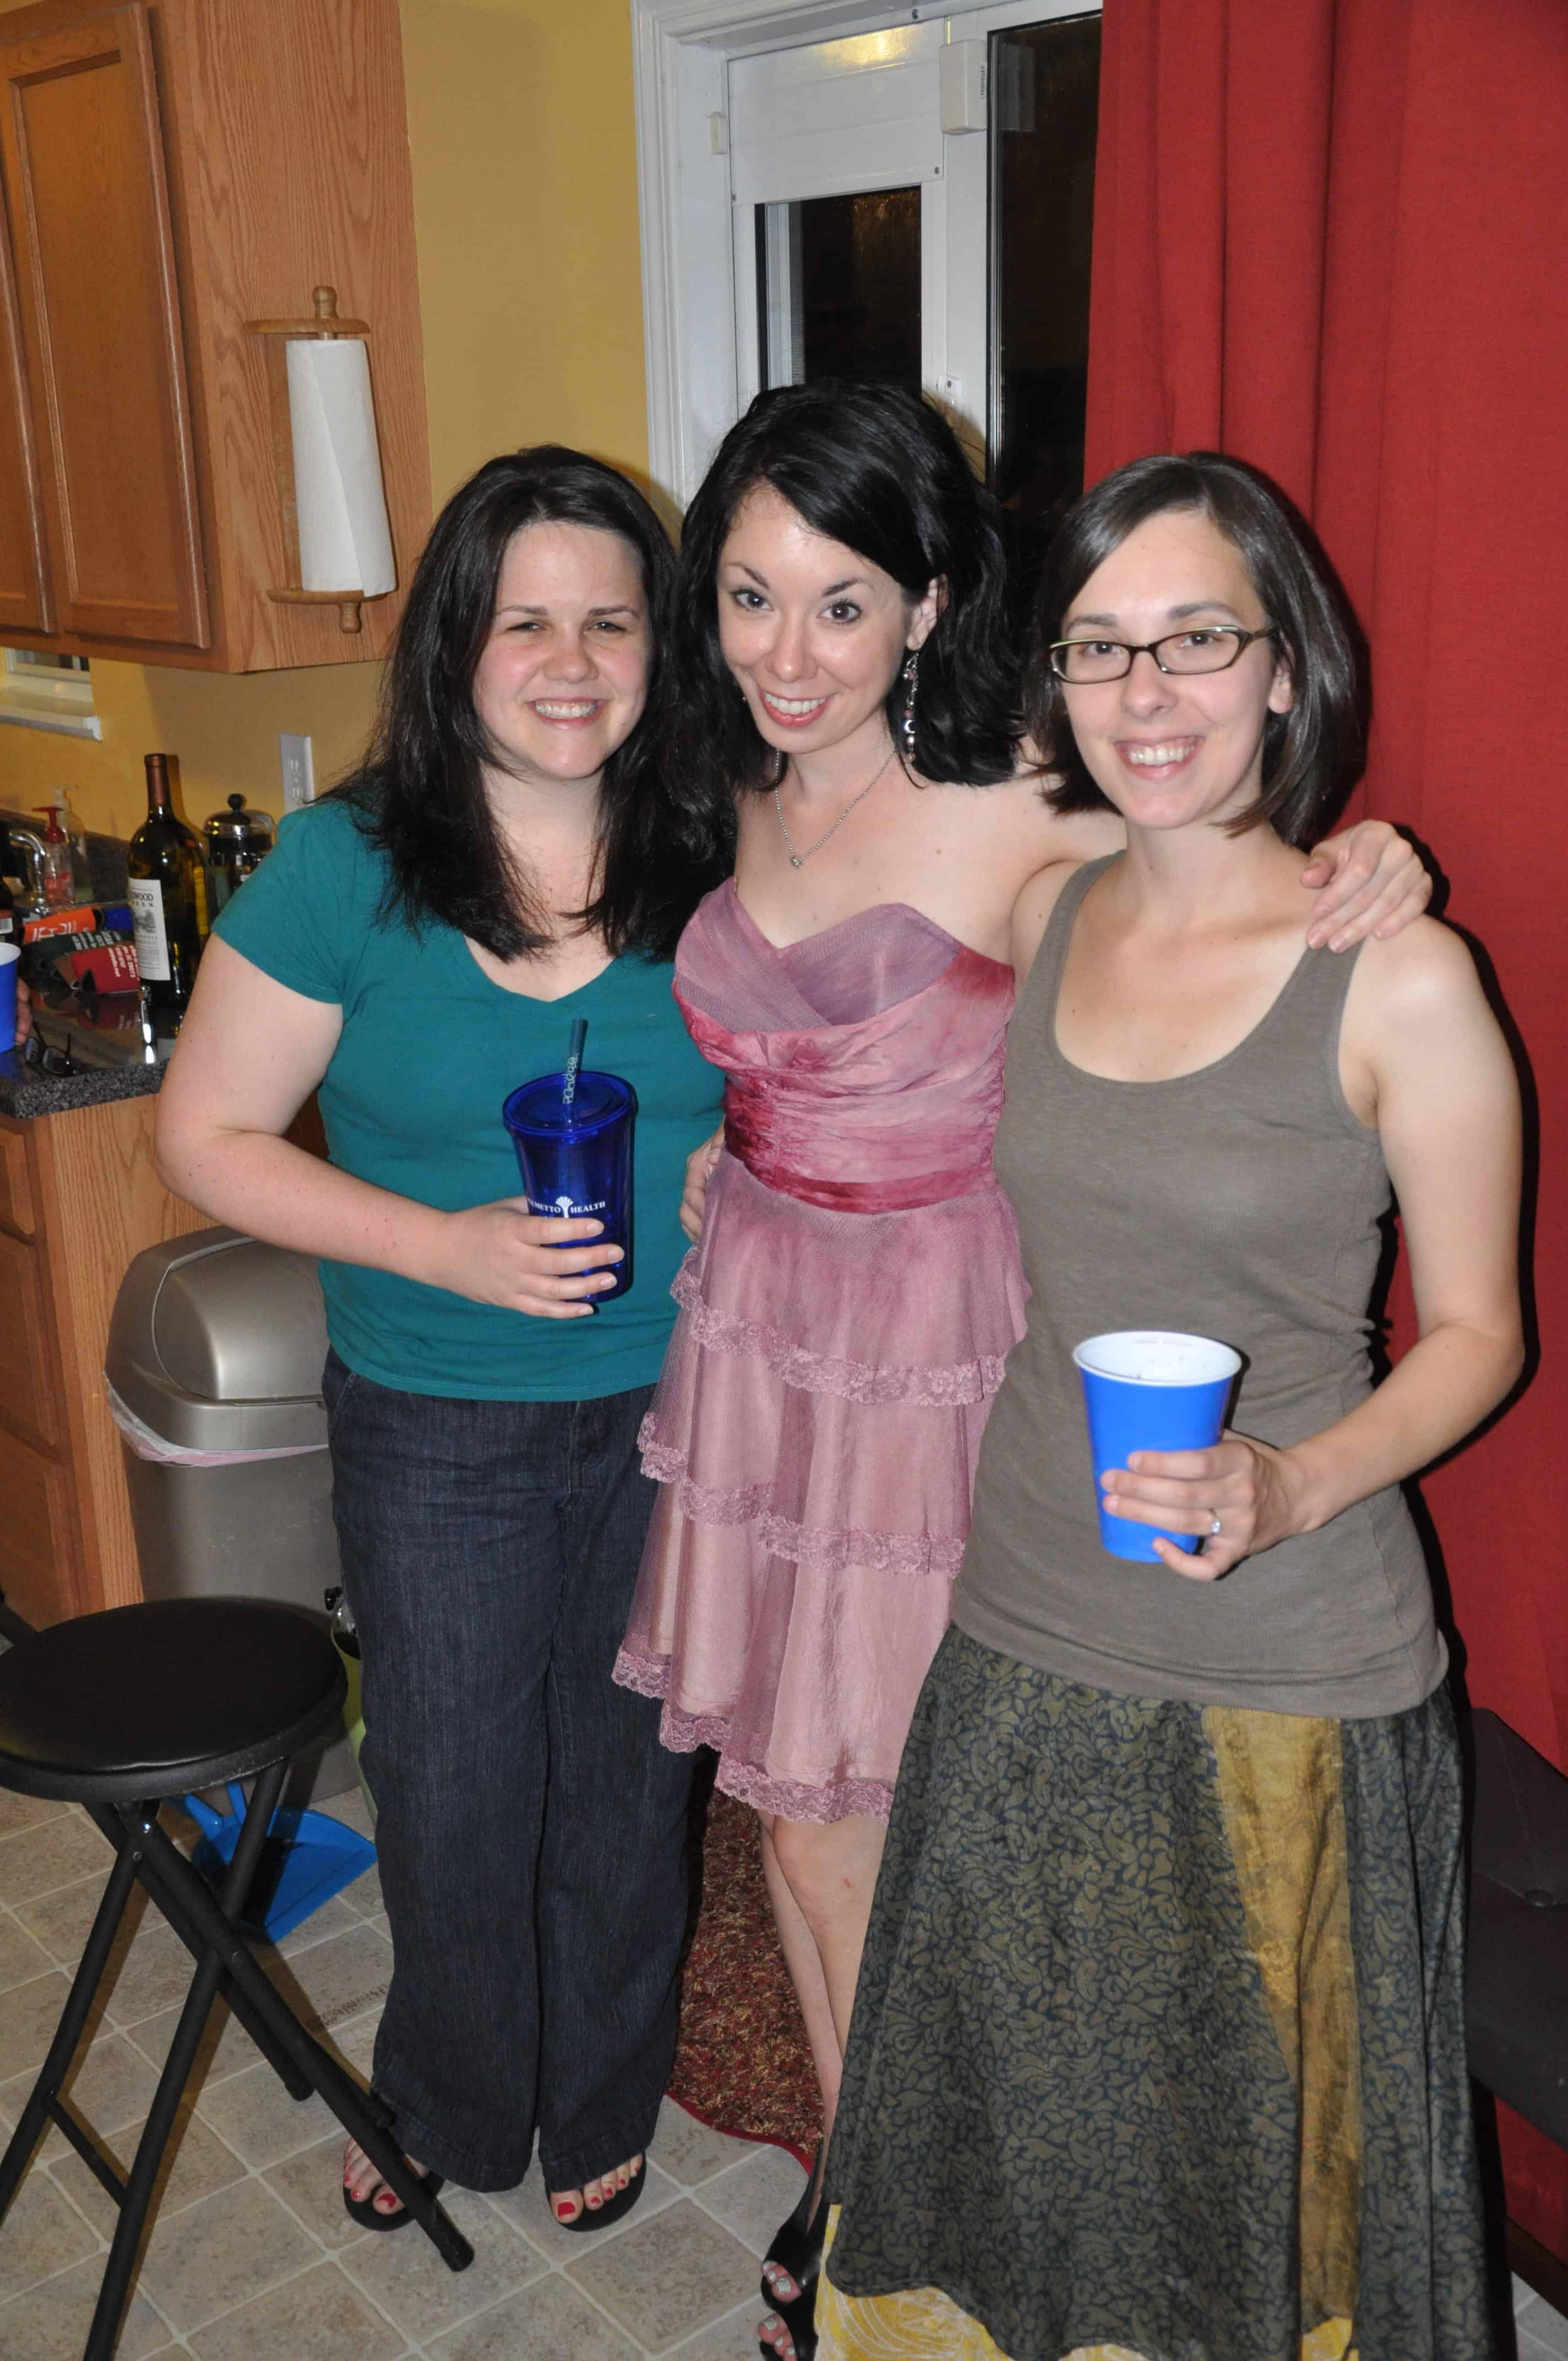 jillian with friends